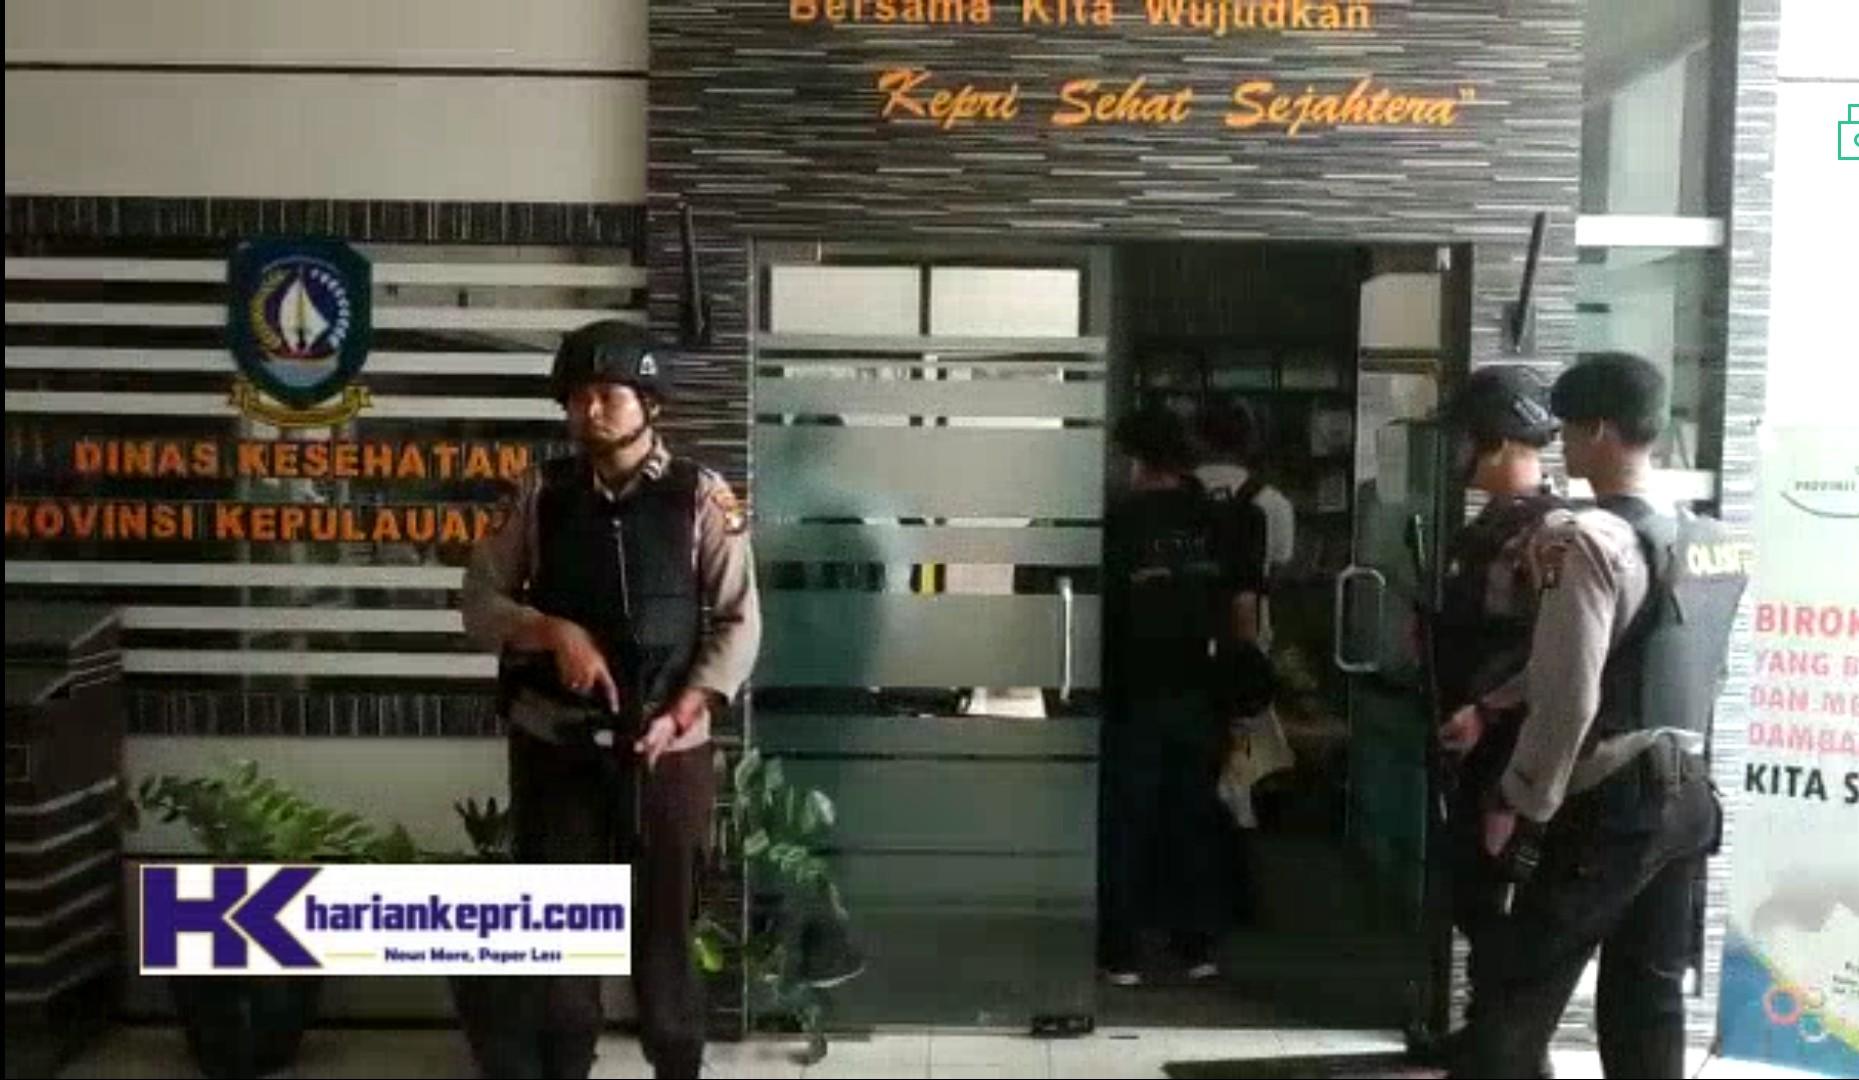 Kantor Dinkes Kepri Digeledah, Kadis: Gak Apa-apa, Mereka Gak Ganggu Kok